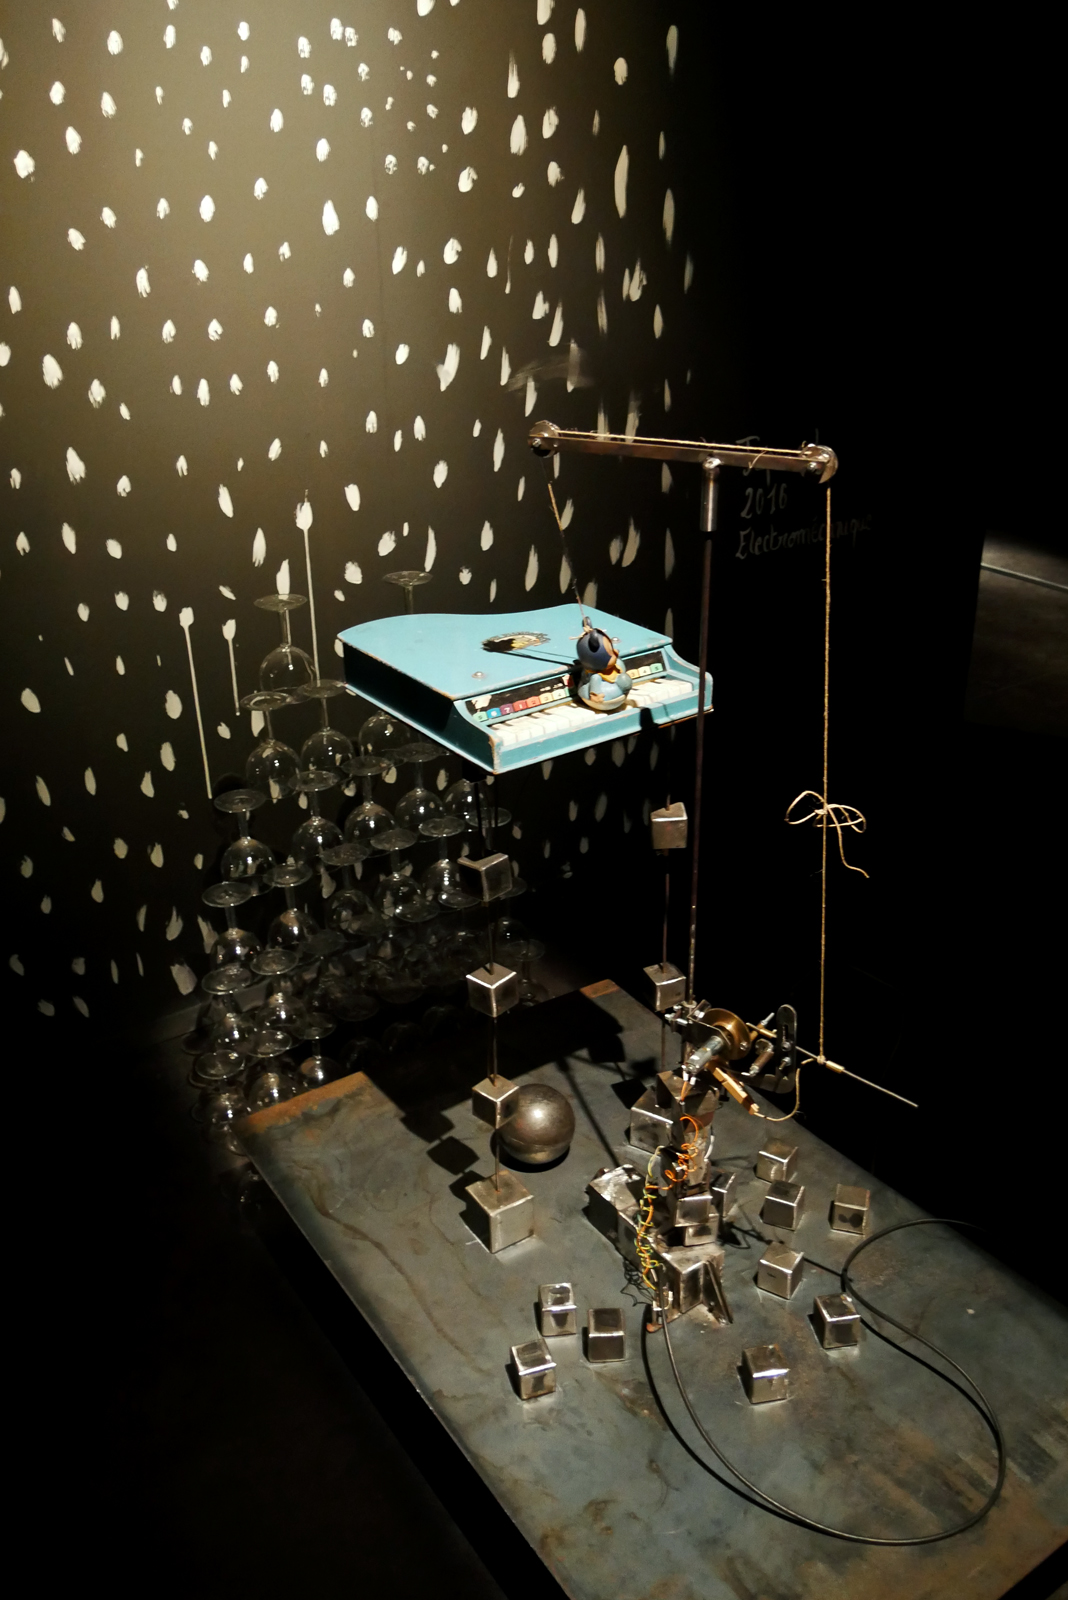 gilbert-peyre-tape-cul-2016-electromecanique-exposition-halle-saint-pierre-paris